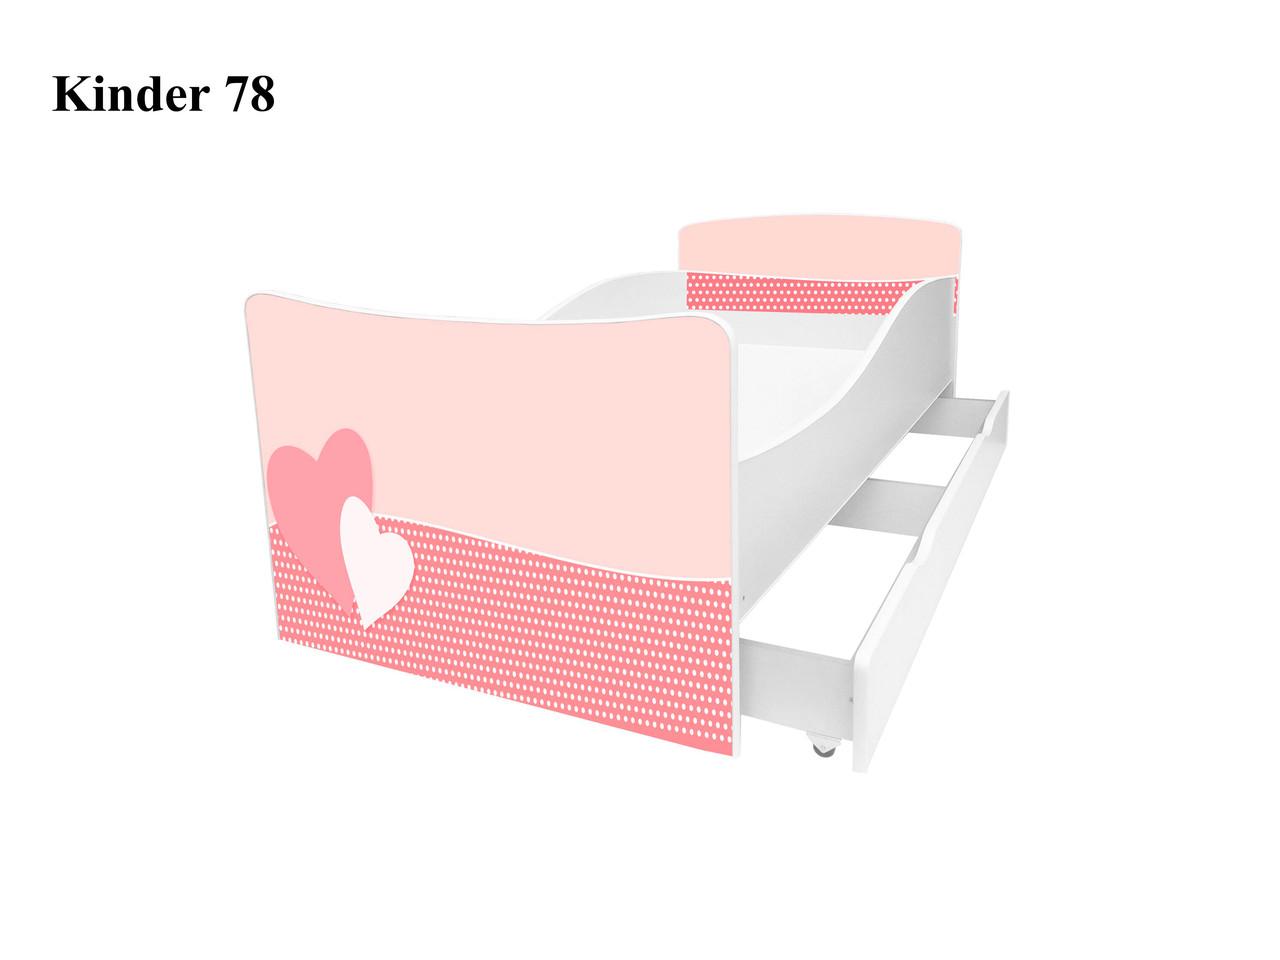 Детская кровать Киндер 78